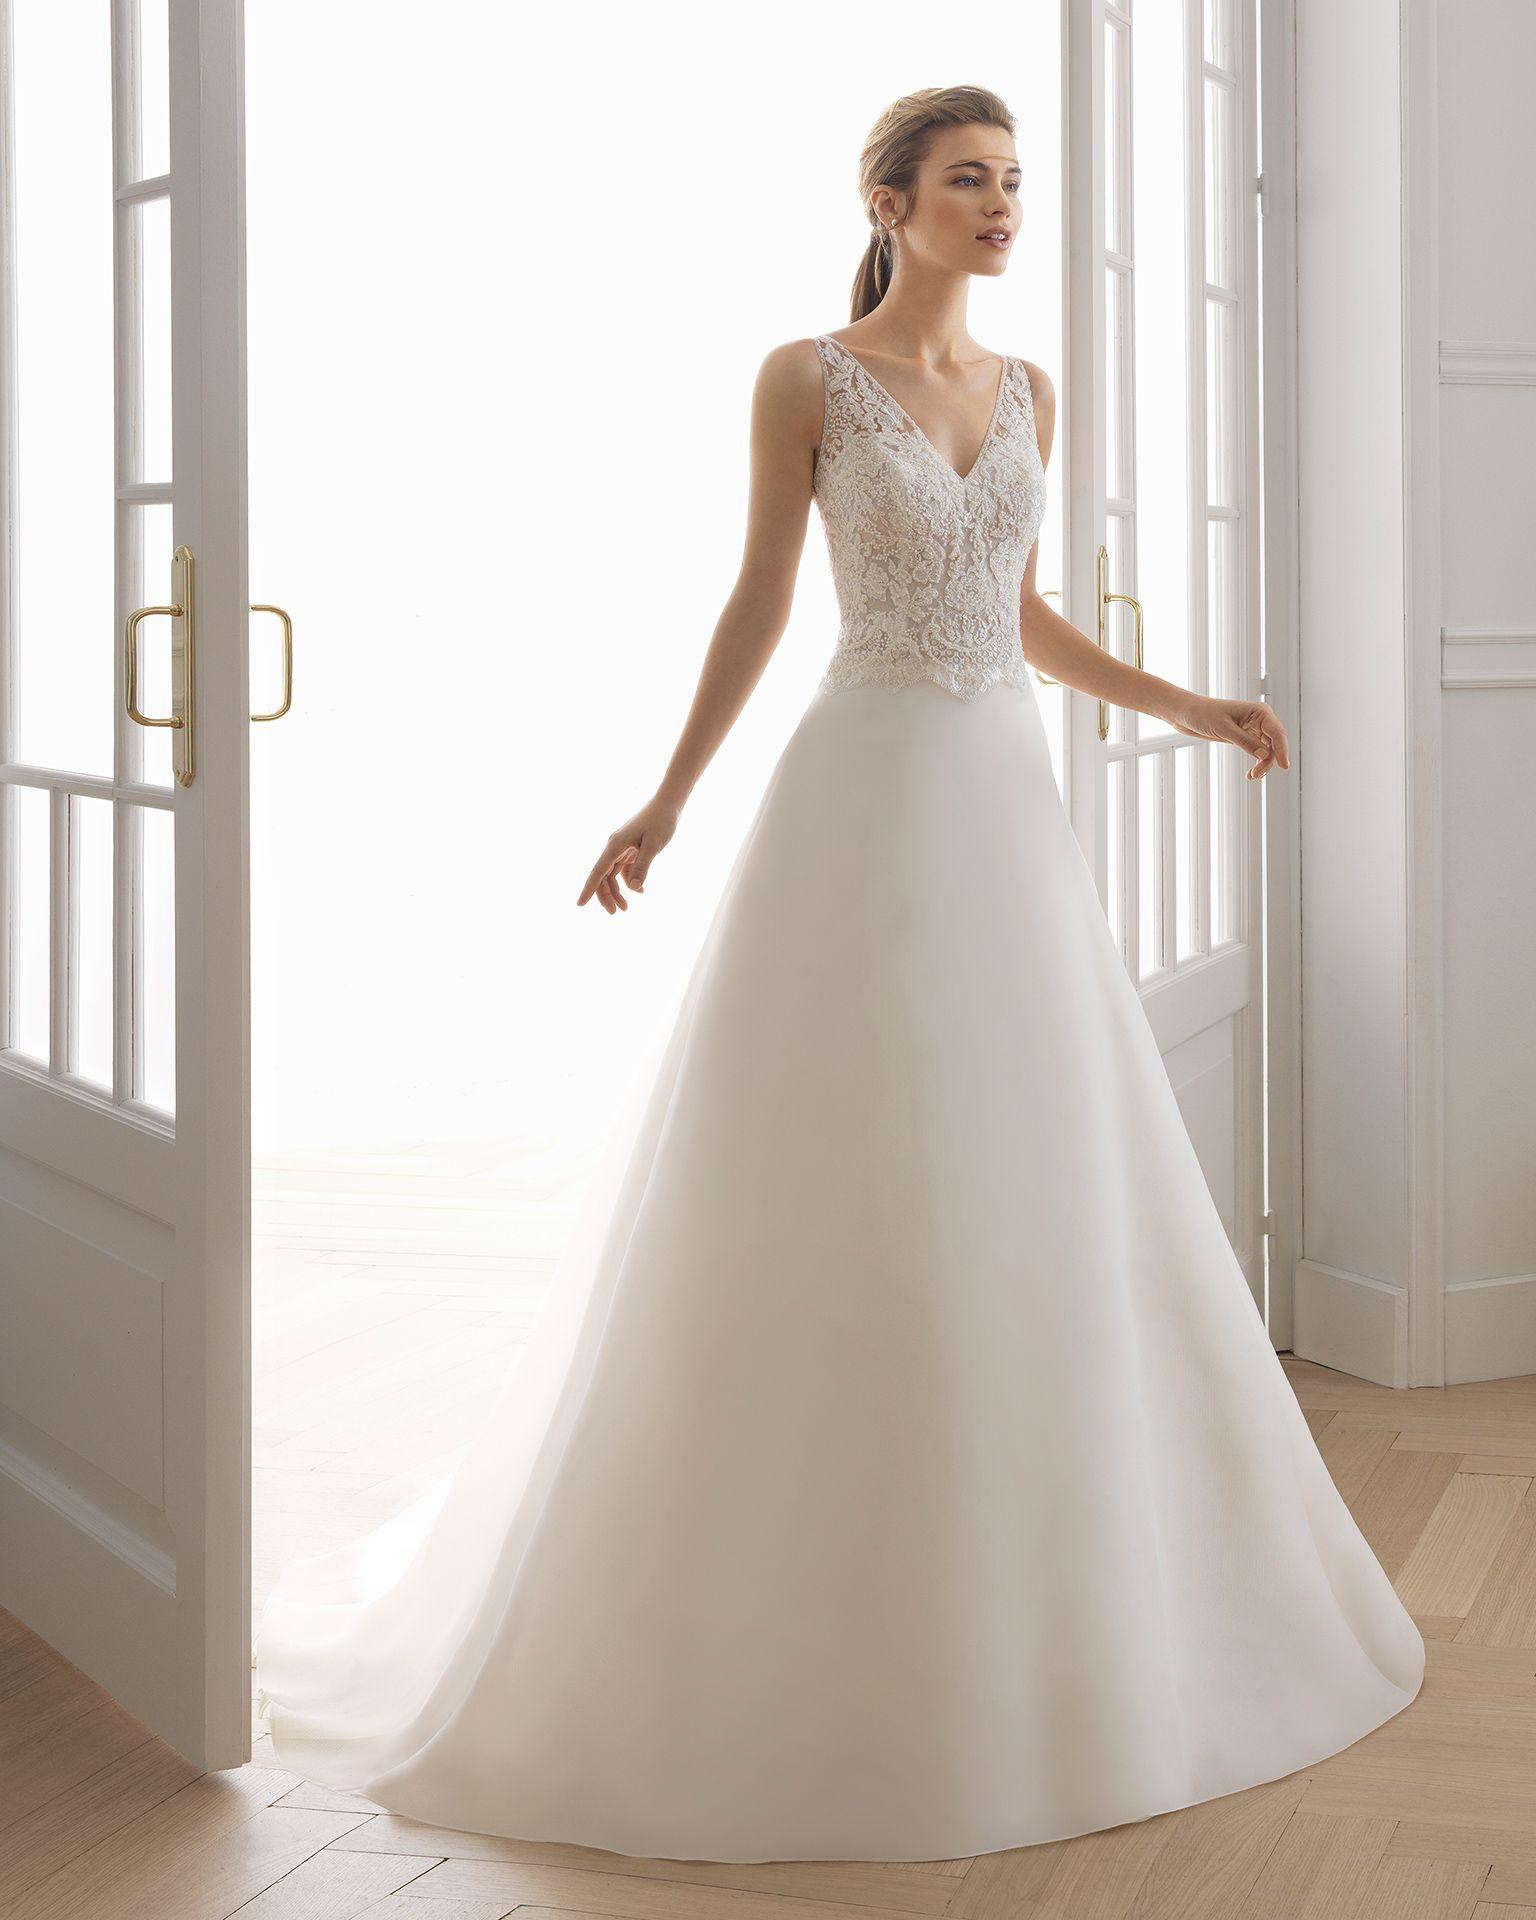 44f1ce3508 Vestido de novia estilo línea A en gazar y encaje pedrería. Escote V y  espalda en V. Disponible en color natural. Colección AIRE BARCELONA 2019.